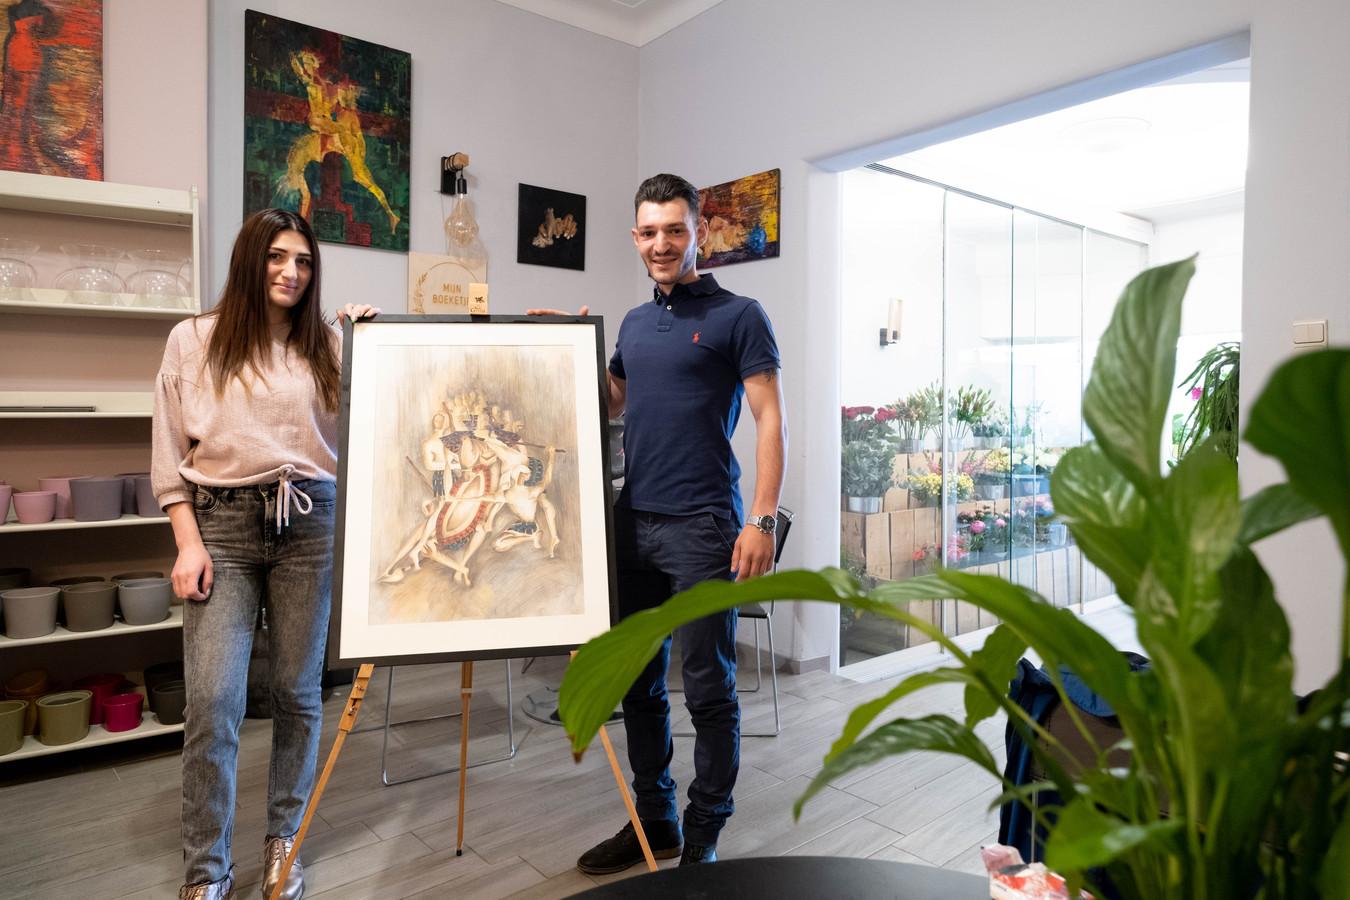 Lusine Muradyan van Mijn Boeketje en stagiair Narek Dekomenyan